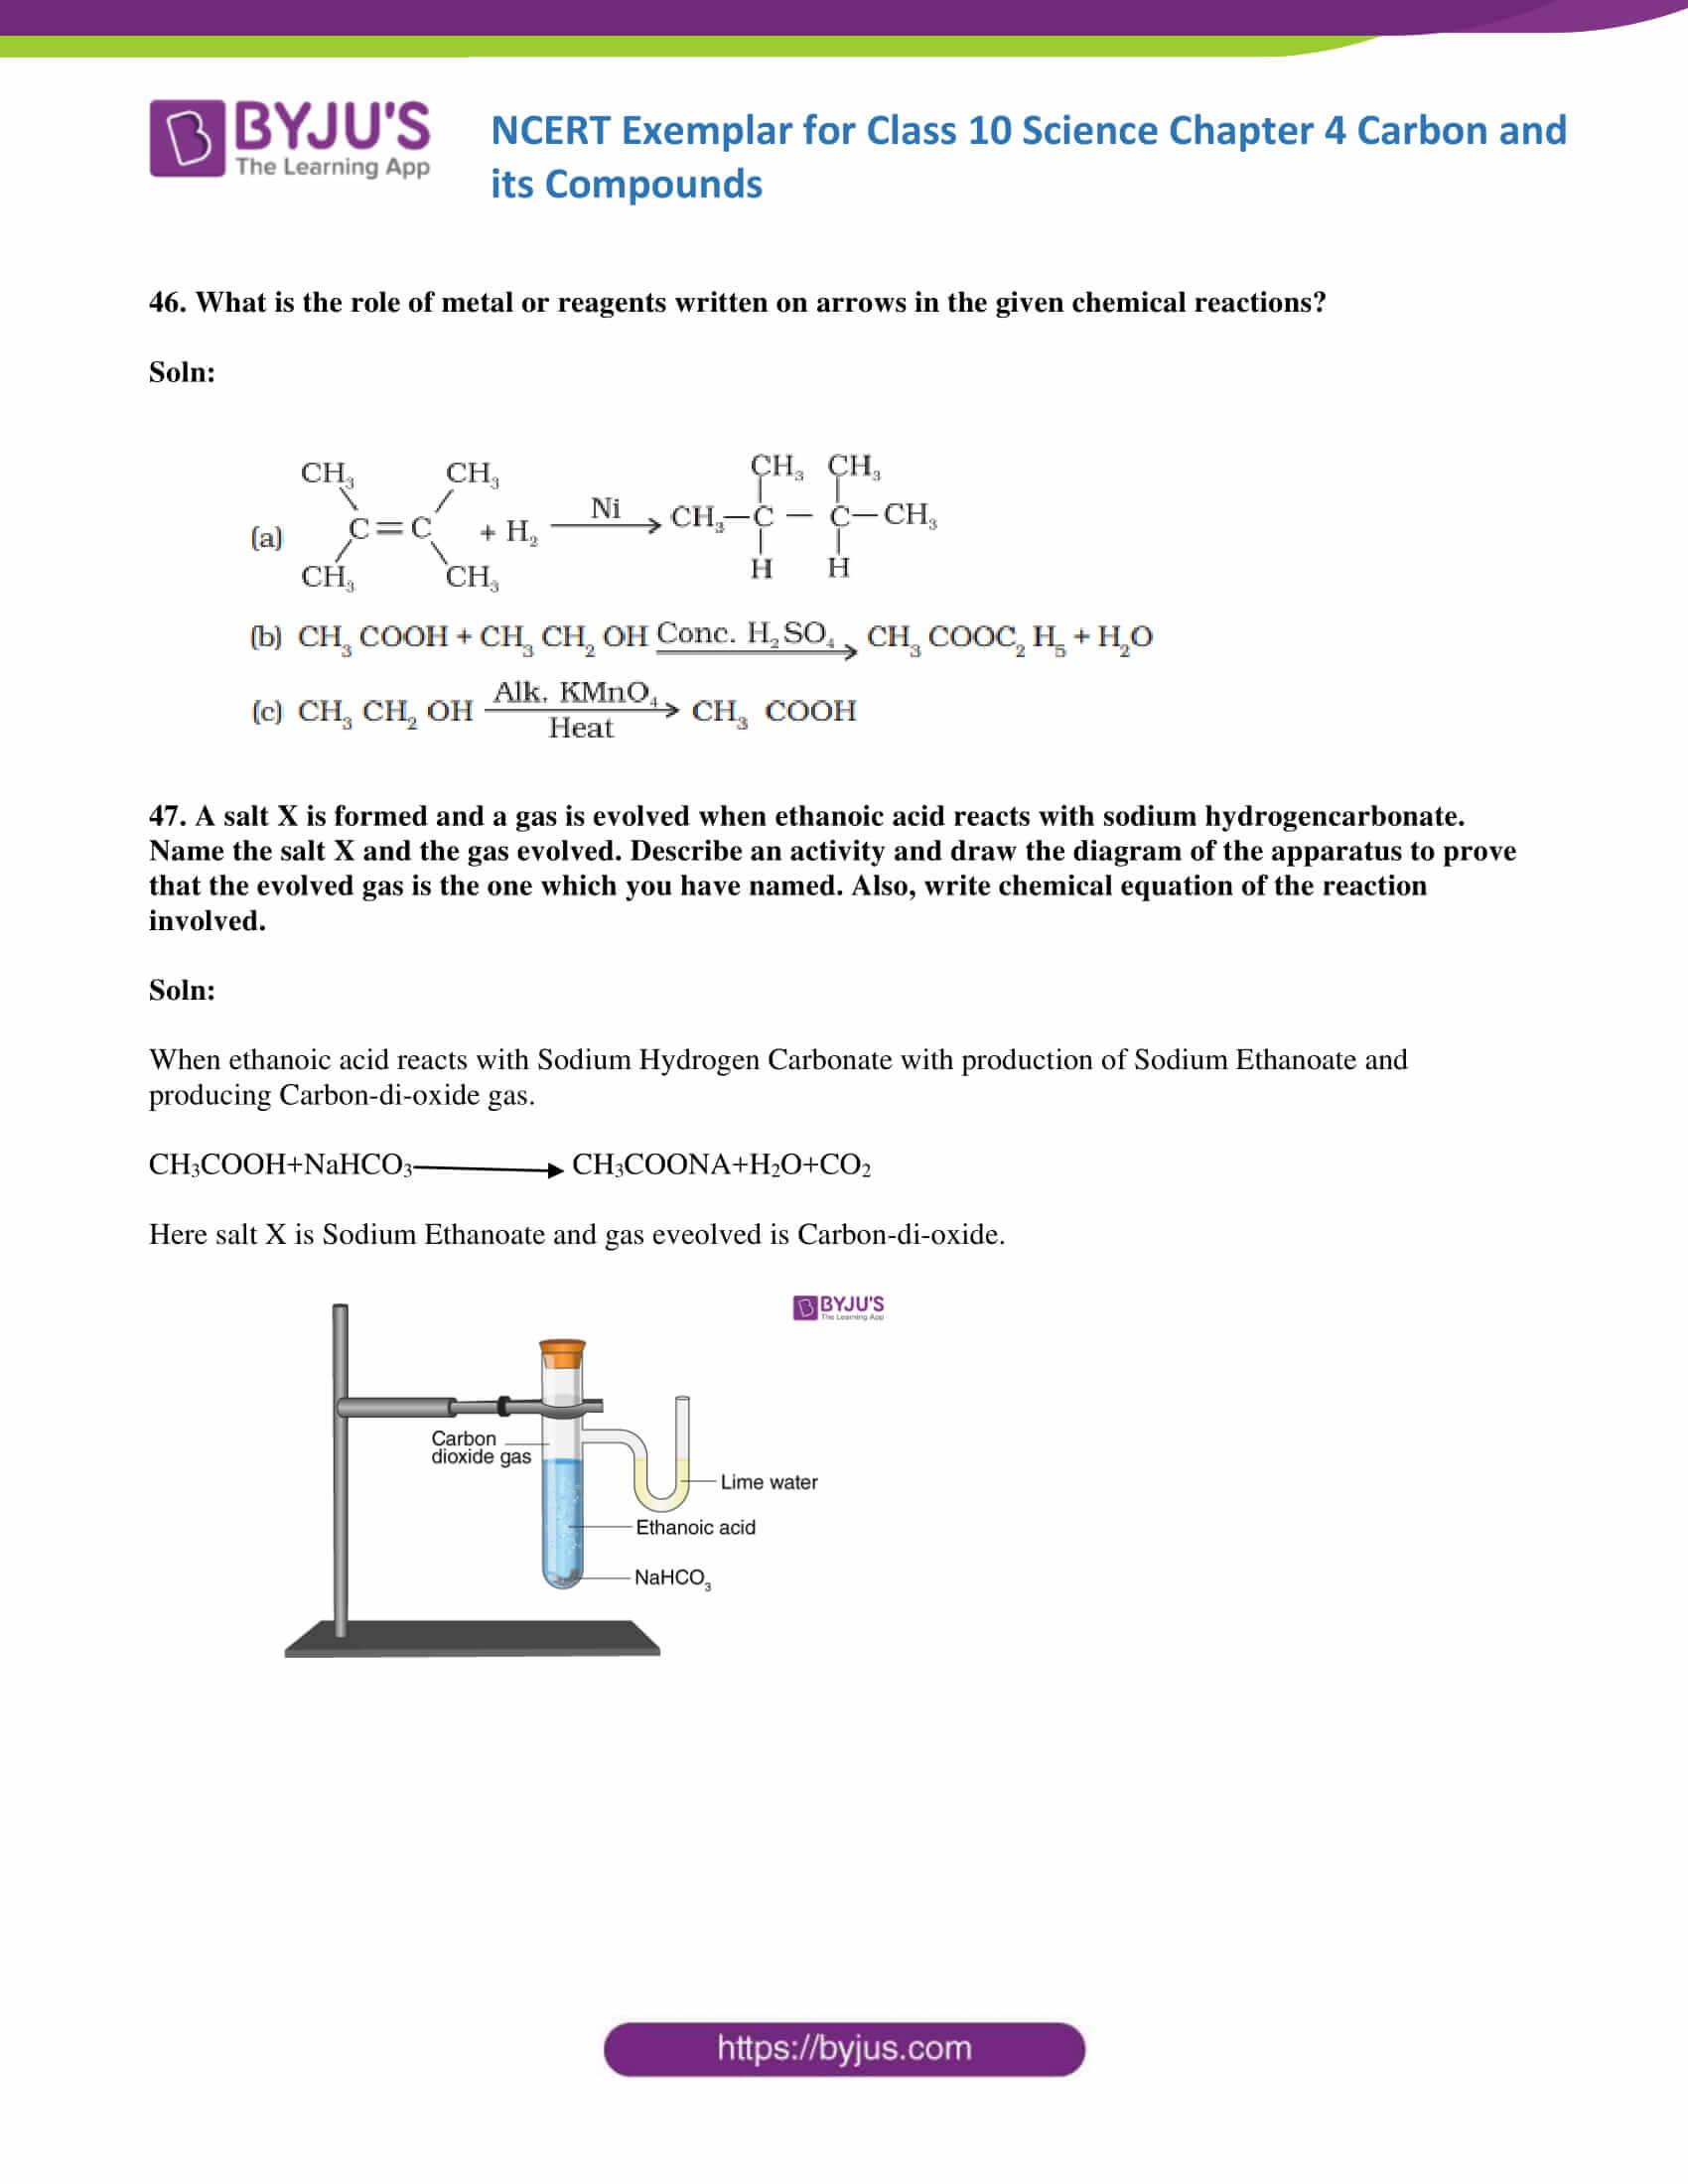 NCERT Exemplar solution class 10 Science Chapter 4 part 17